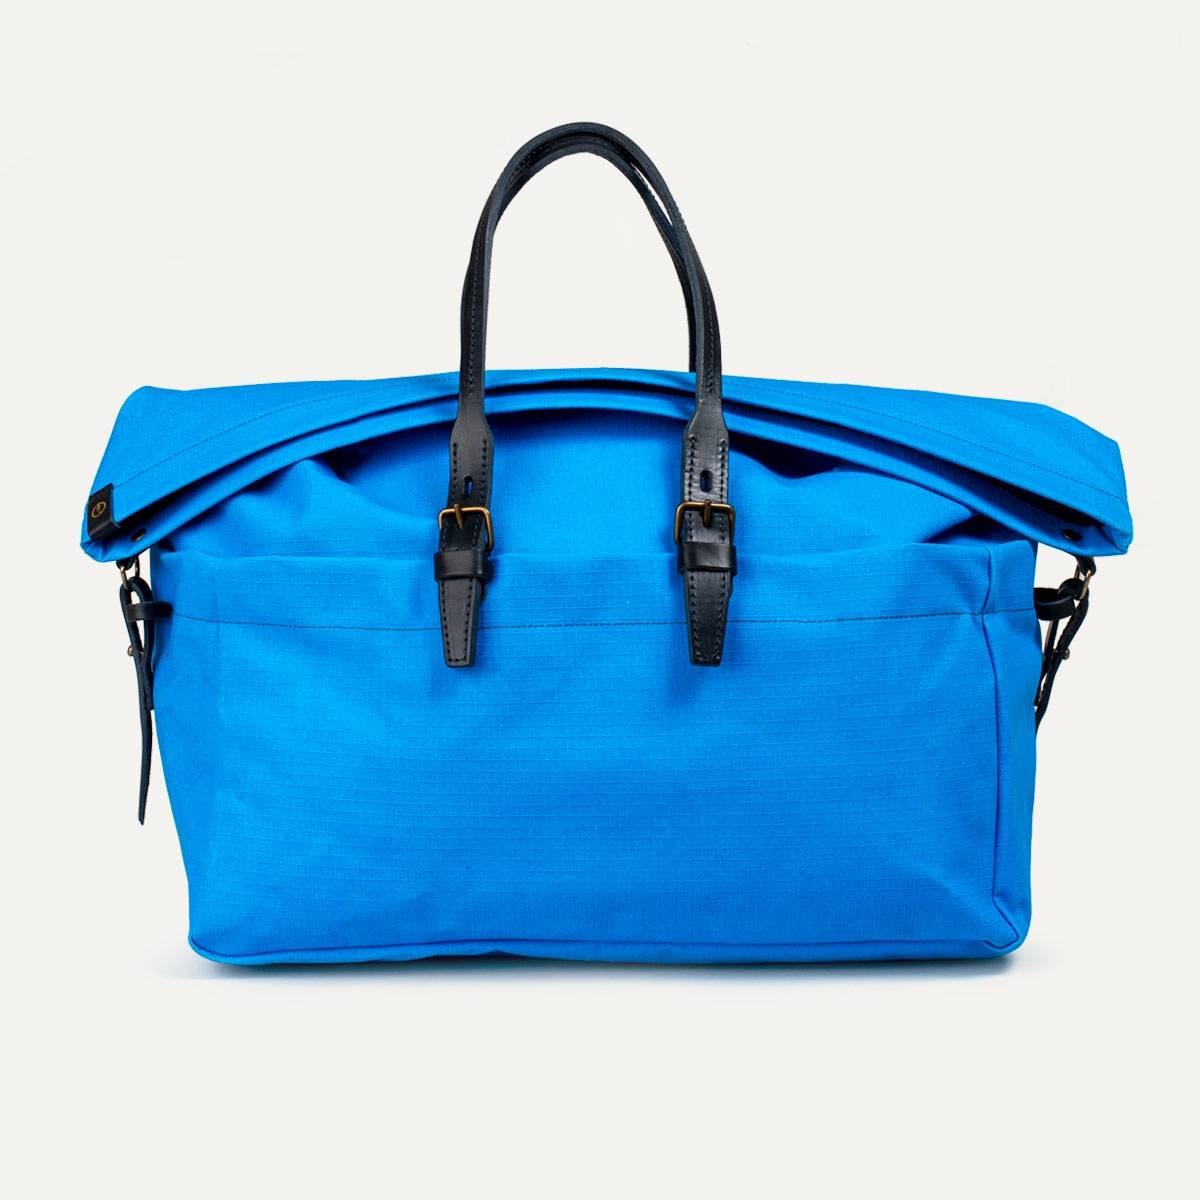 Cabine Travel bag  - Regentex Blue (image n°1)